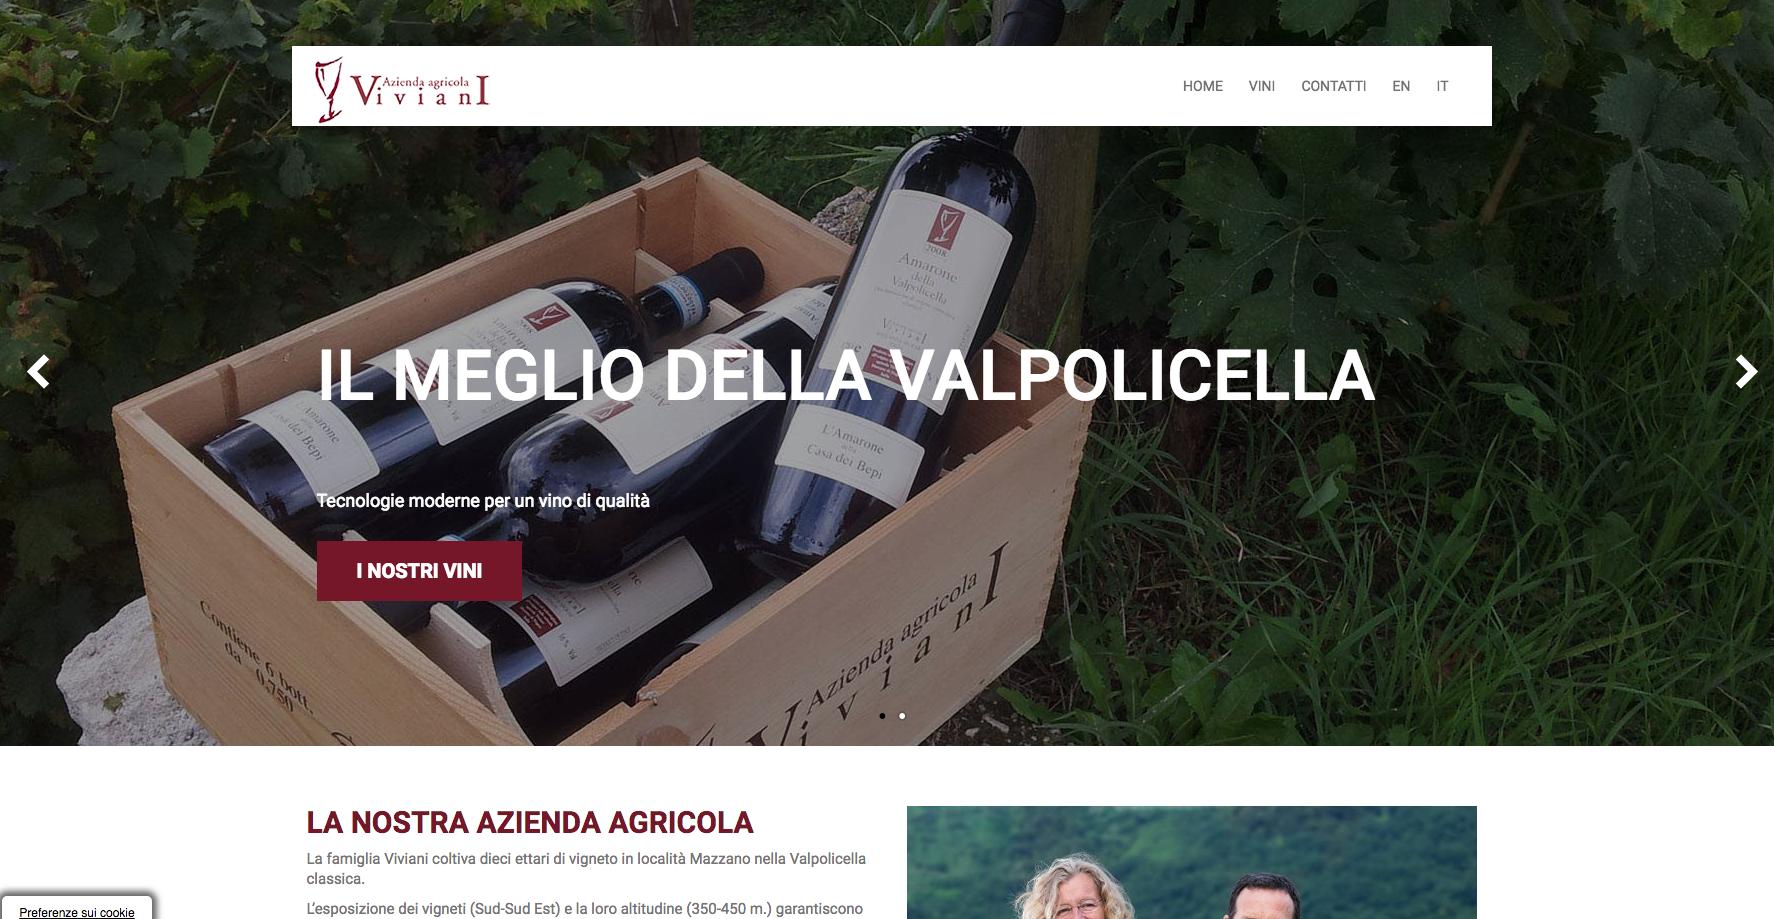 Grafica per il restyling del sito dell'Azienda agricola Viviani